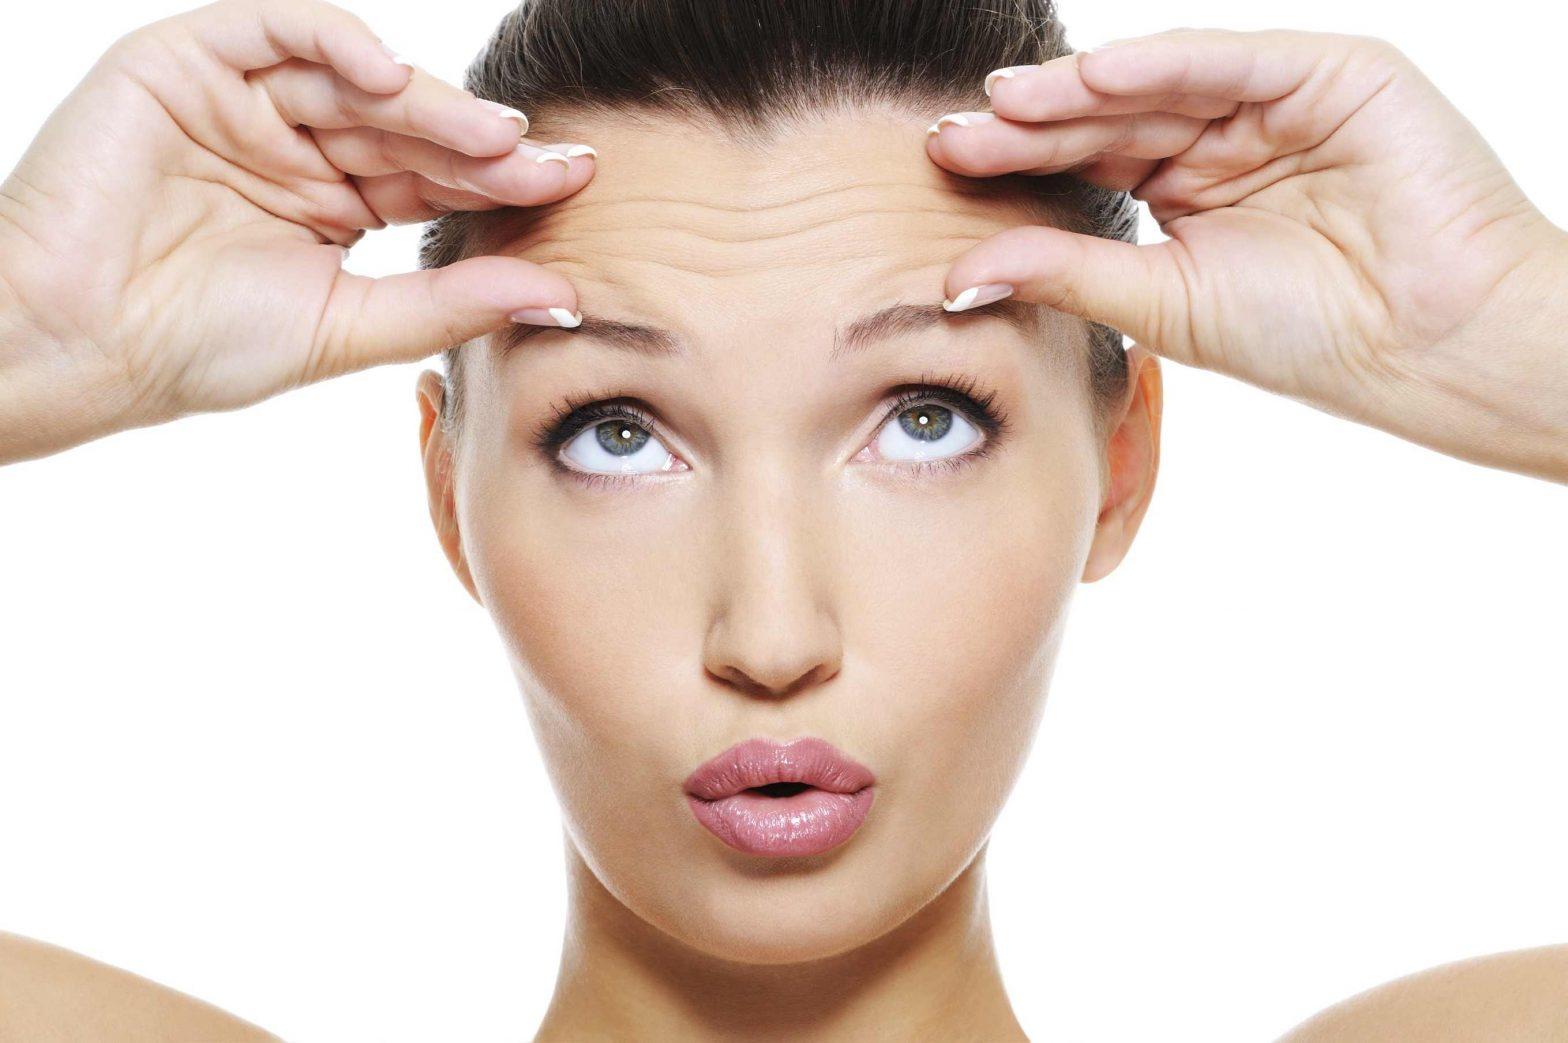 Preenchimento facial e Tratamento de linhas de expressão: qual a diferença?